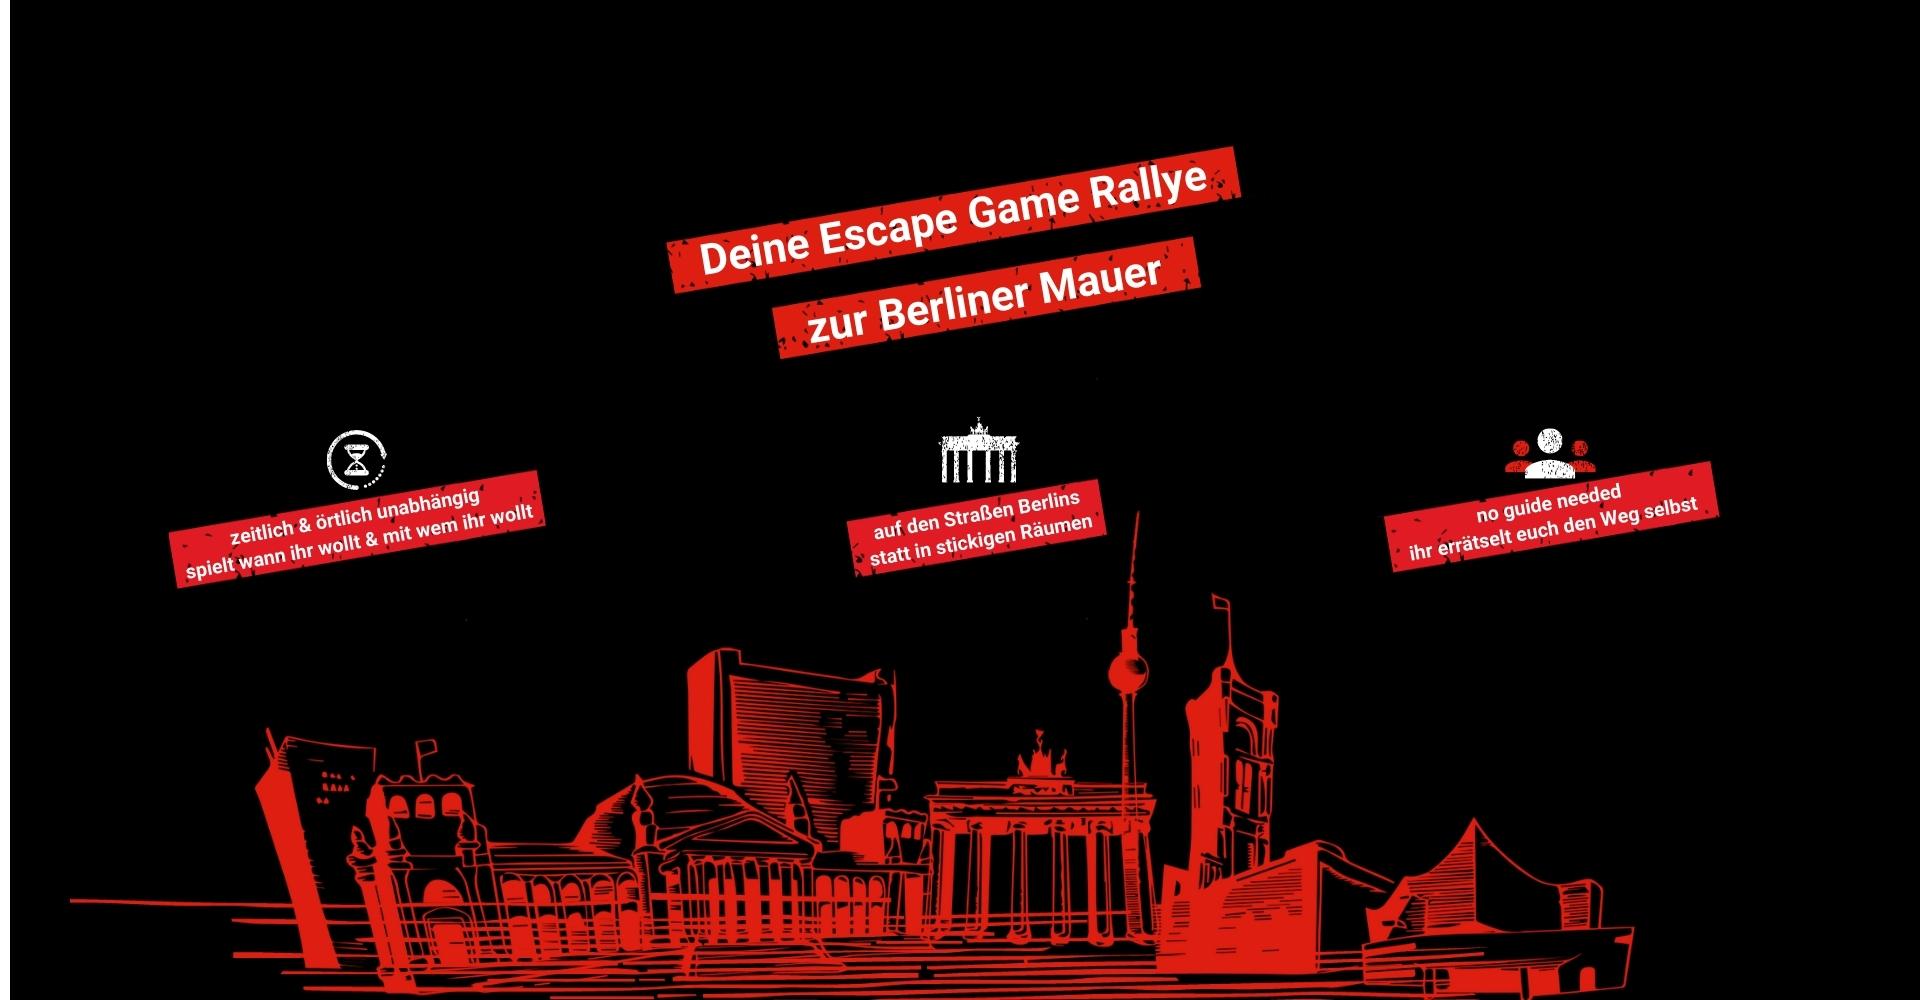 Das Sightseeing Escape Game zur Berliner Mauer